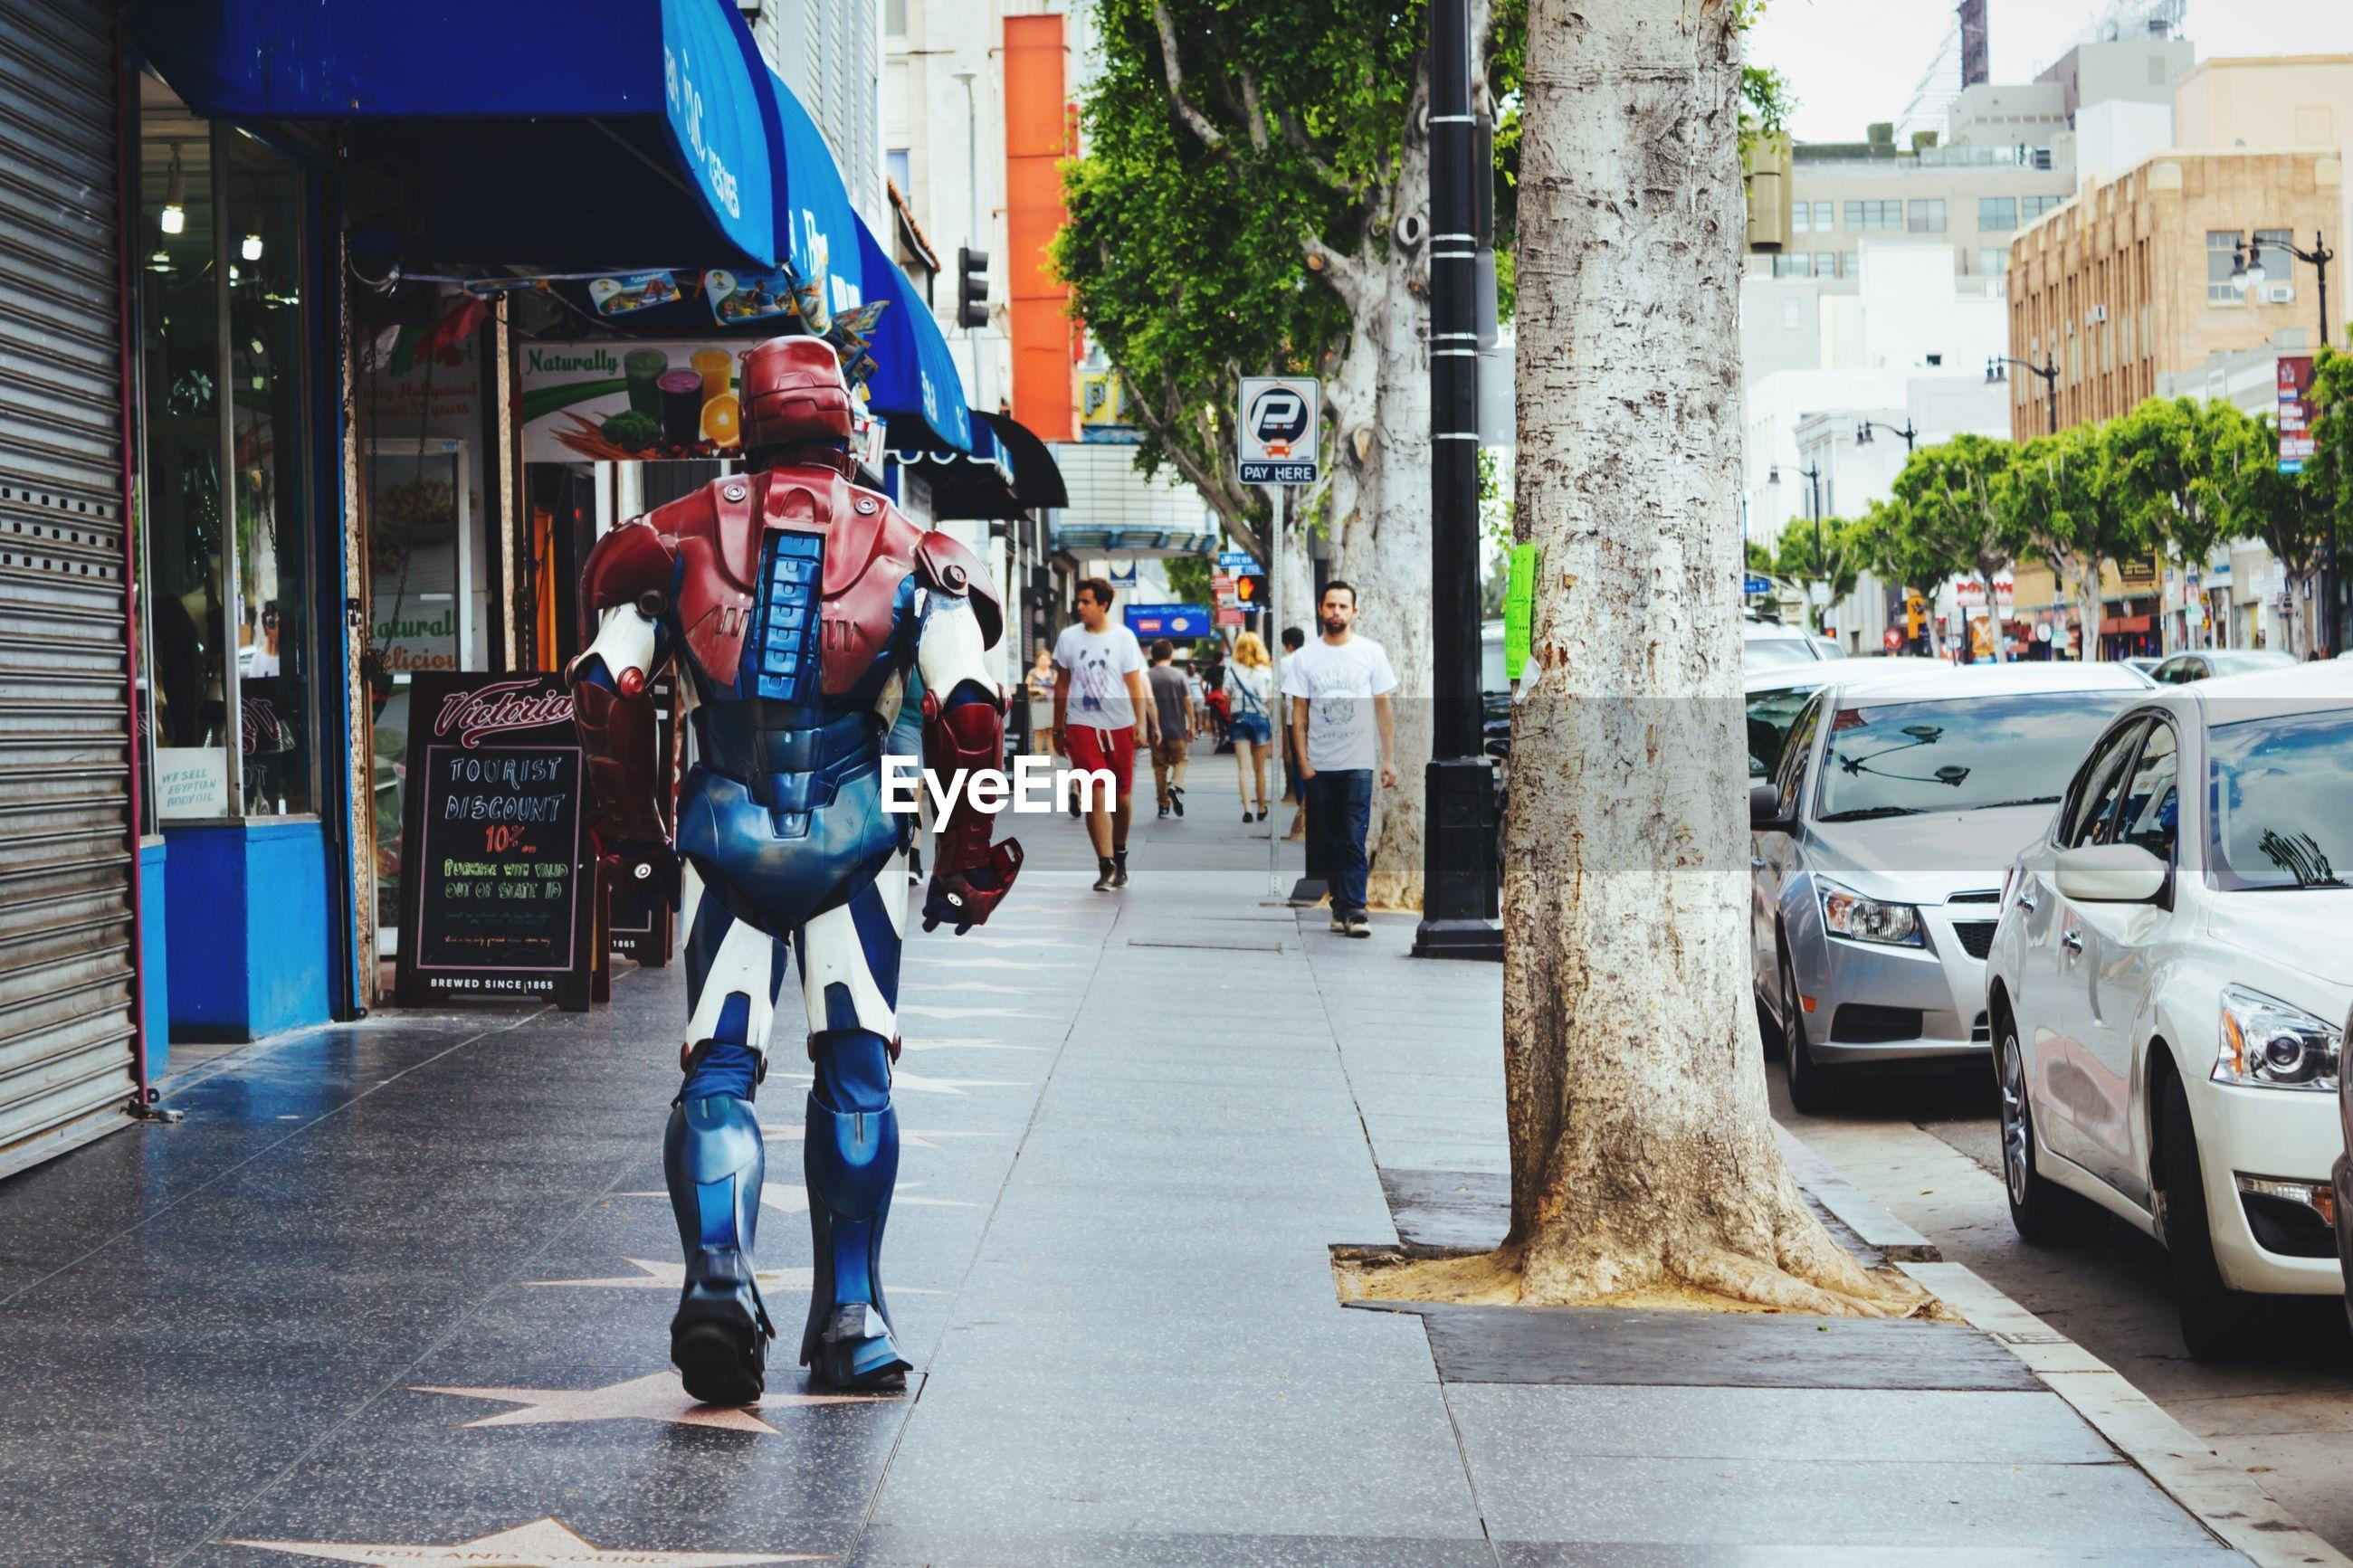 Rear view of man wearing metal costume while walking on sidewalk